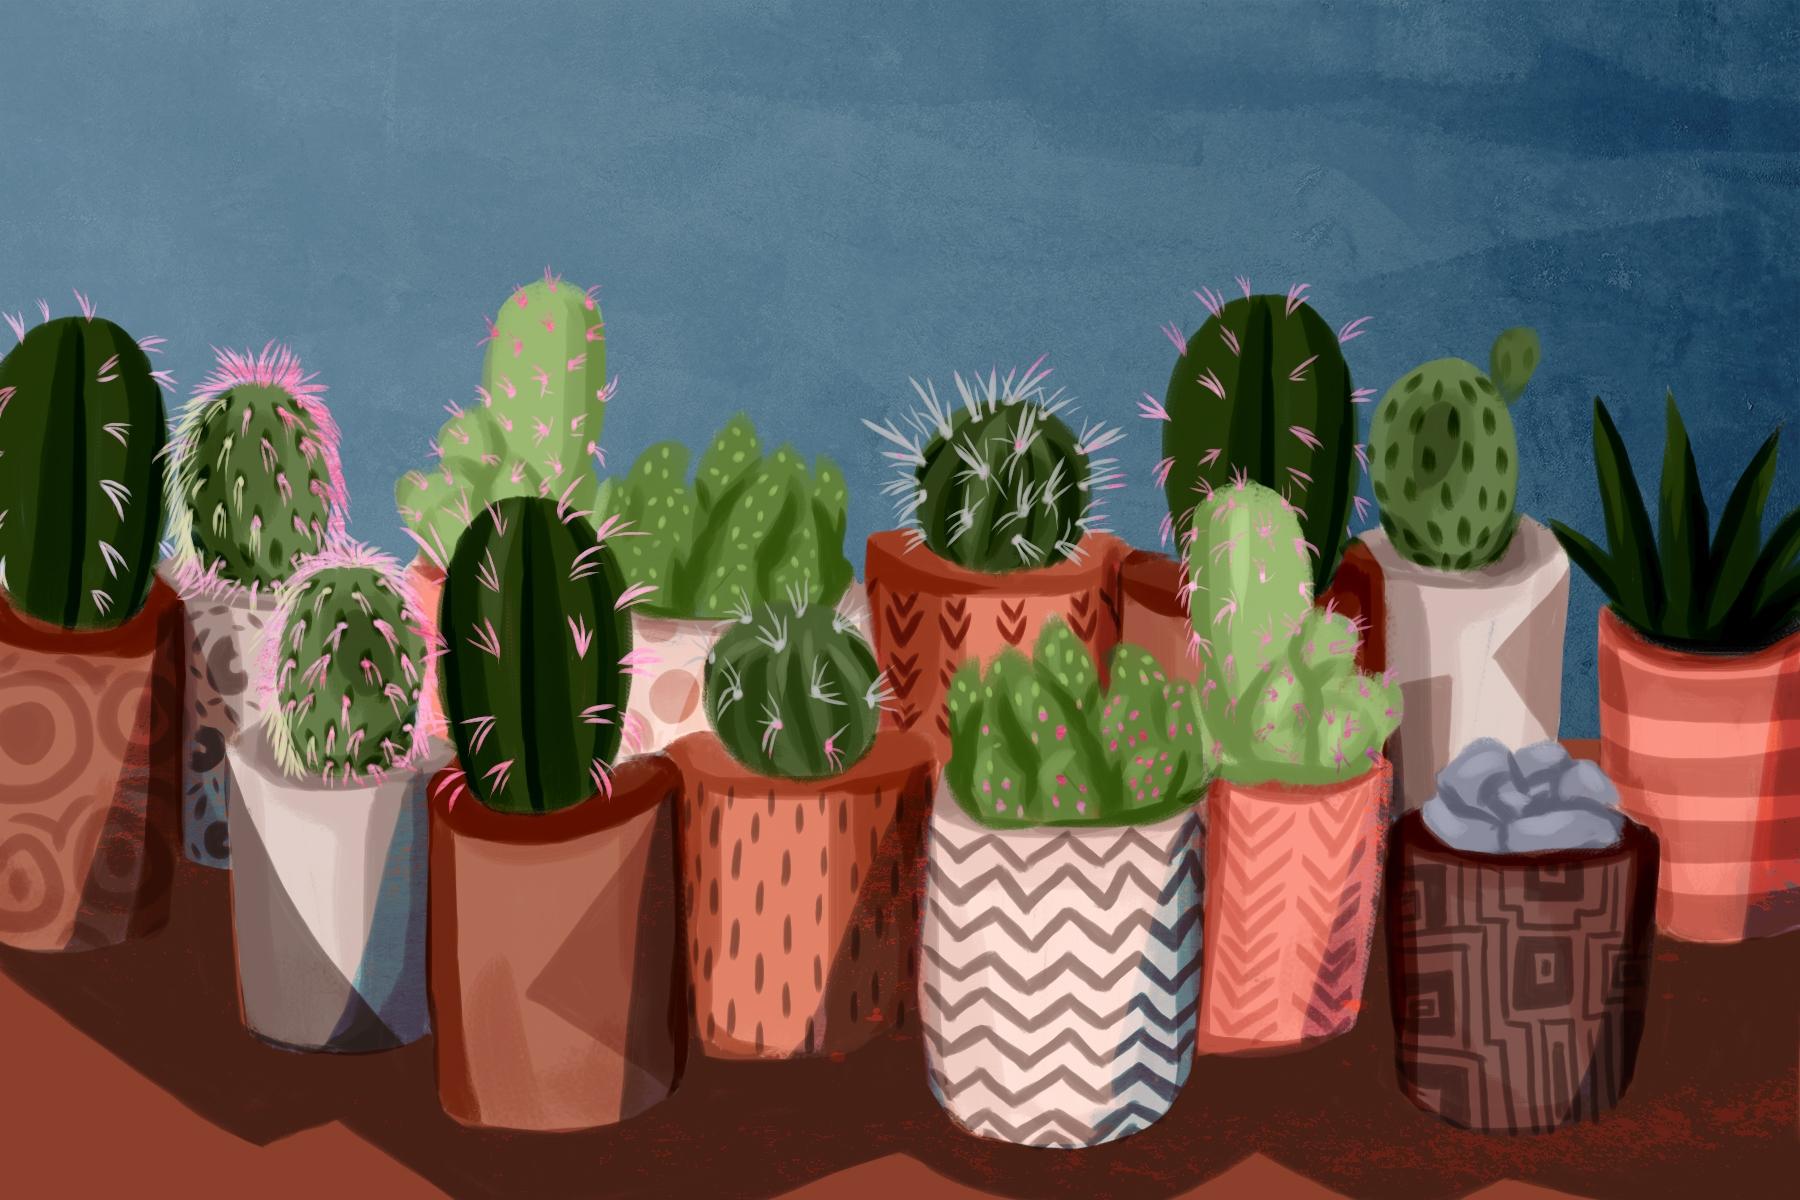 Cacti - cacti, plants, plantlady - cariguevara | ello